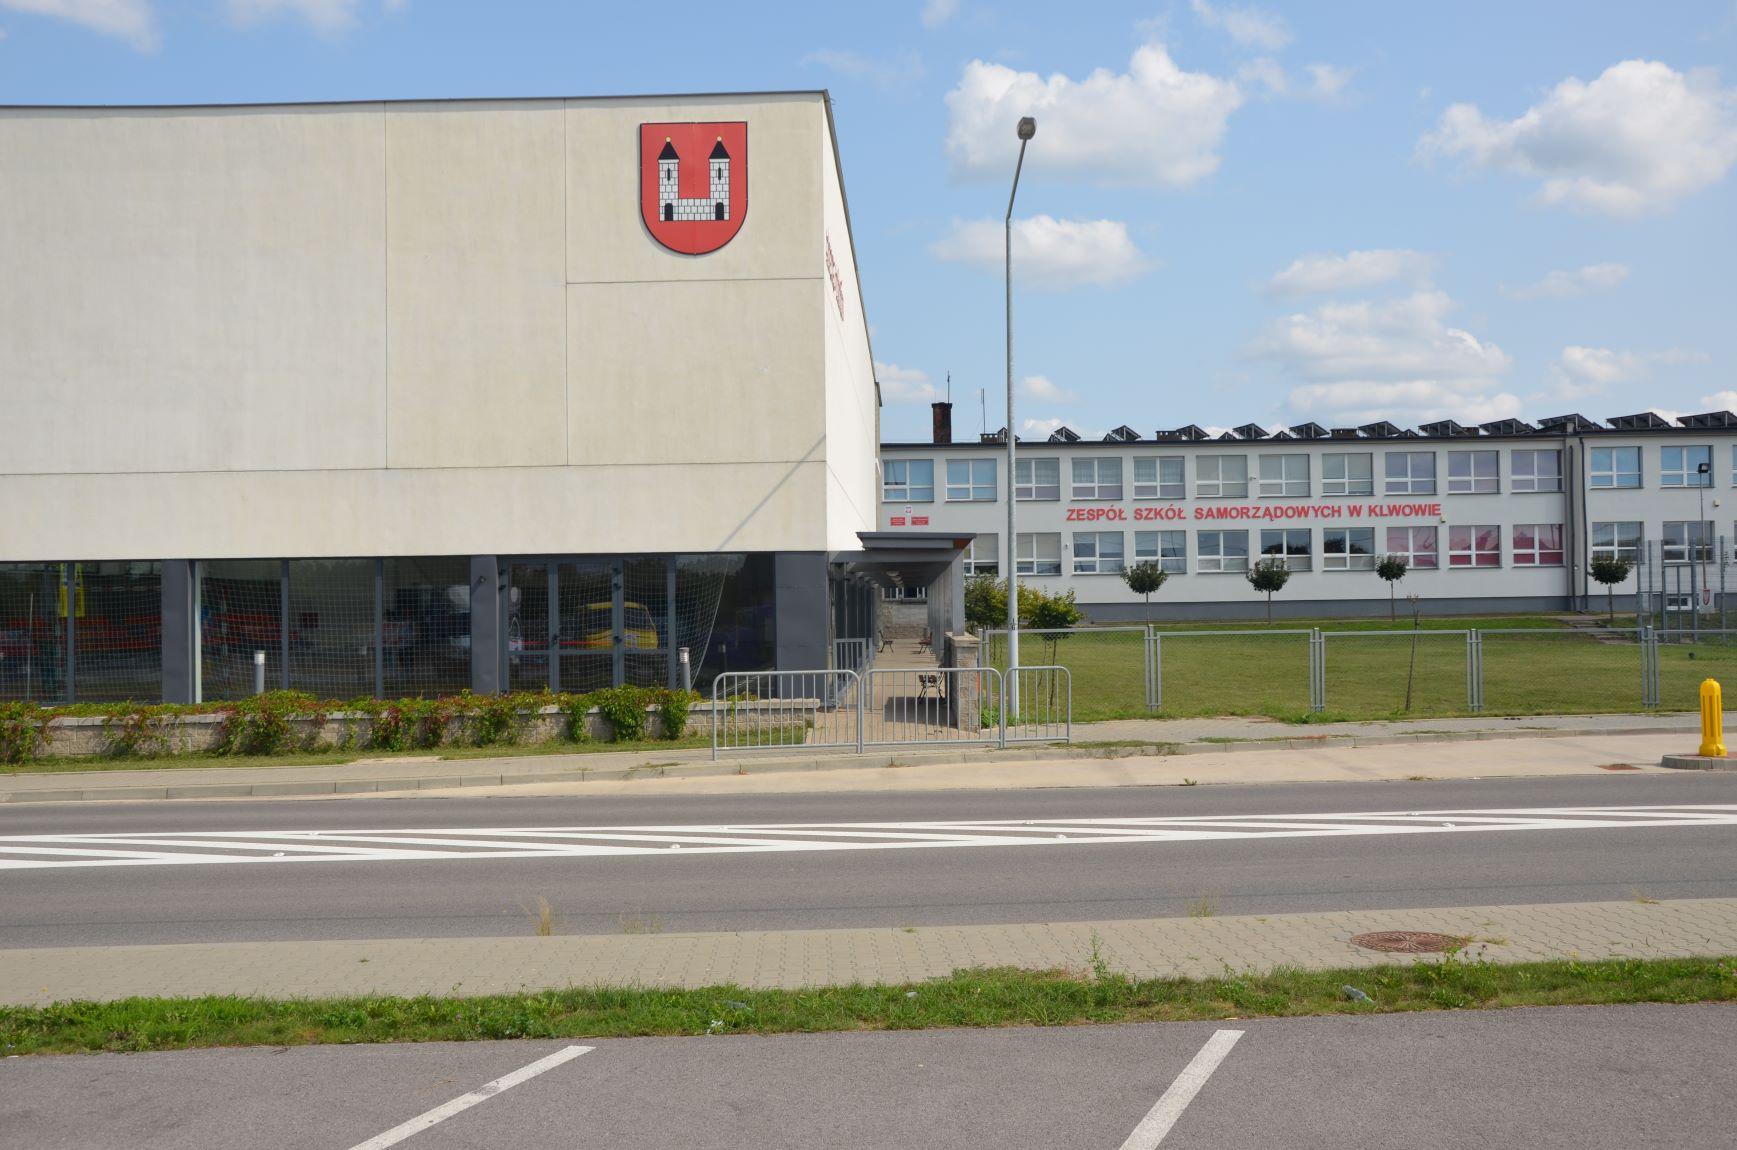 Zespół Szkół Samorządowych w Klwowie